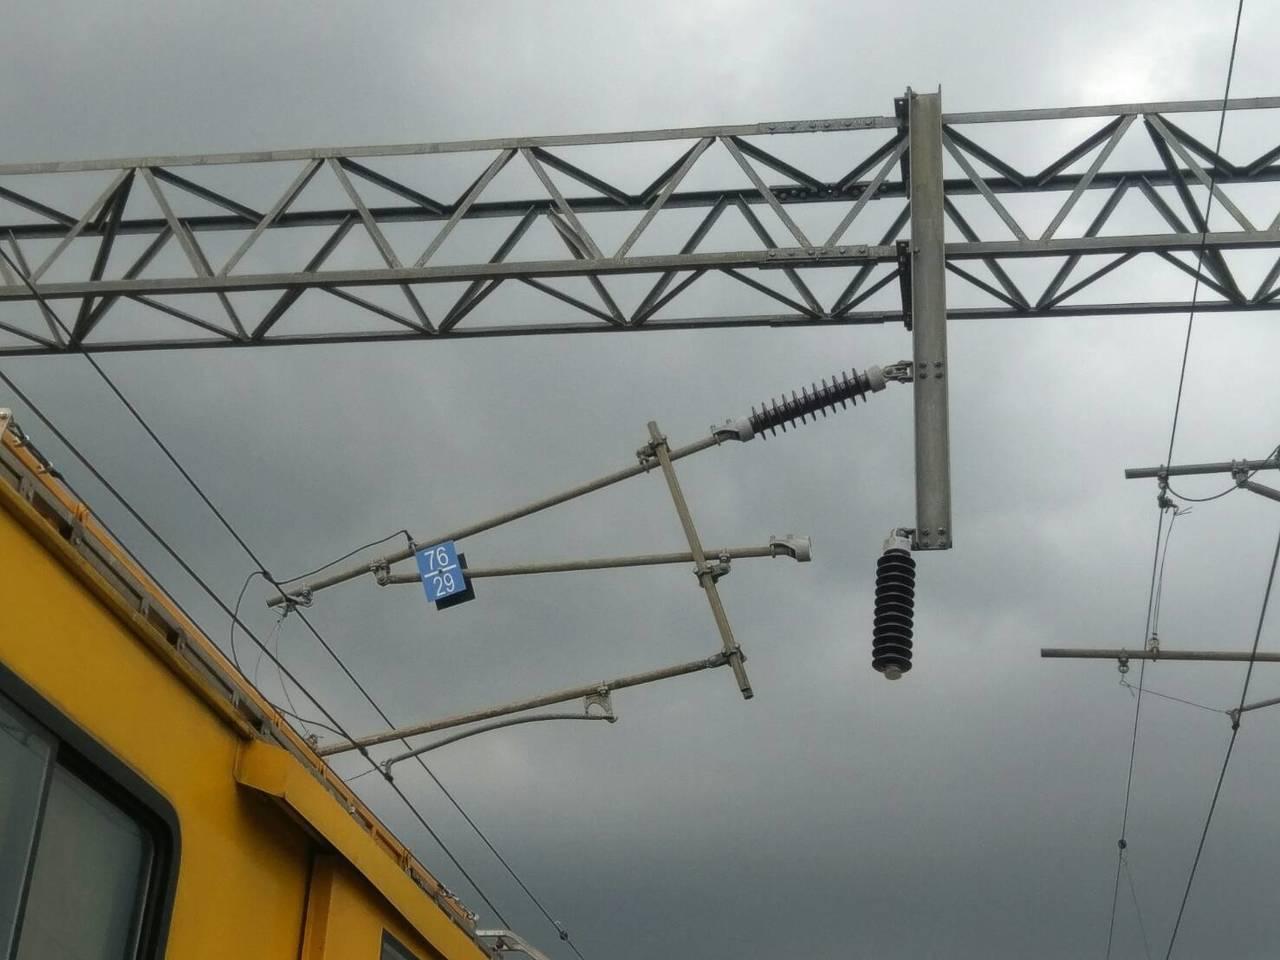 台鐵電車線三角架因地震歪斜。圖/台鐵提供